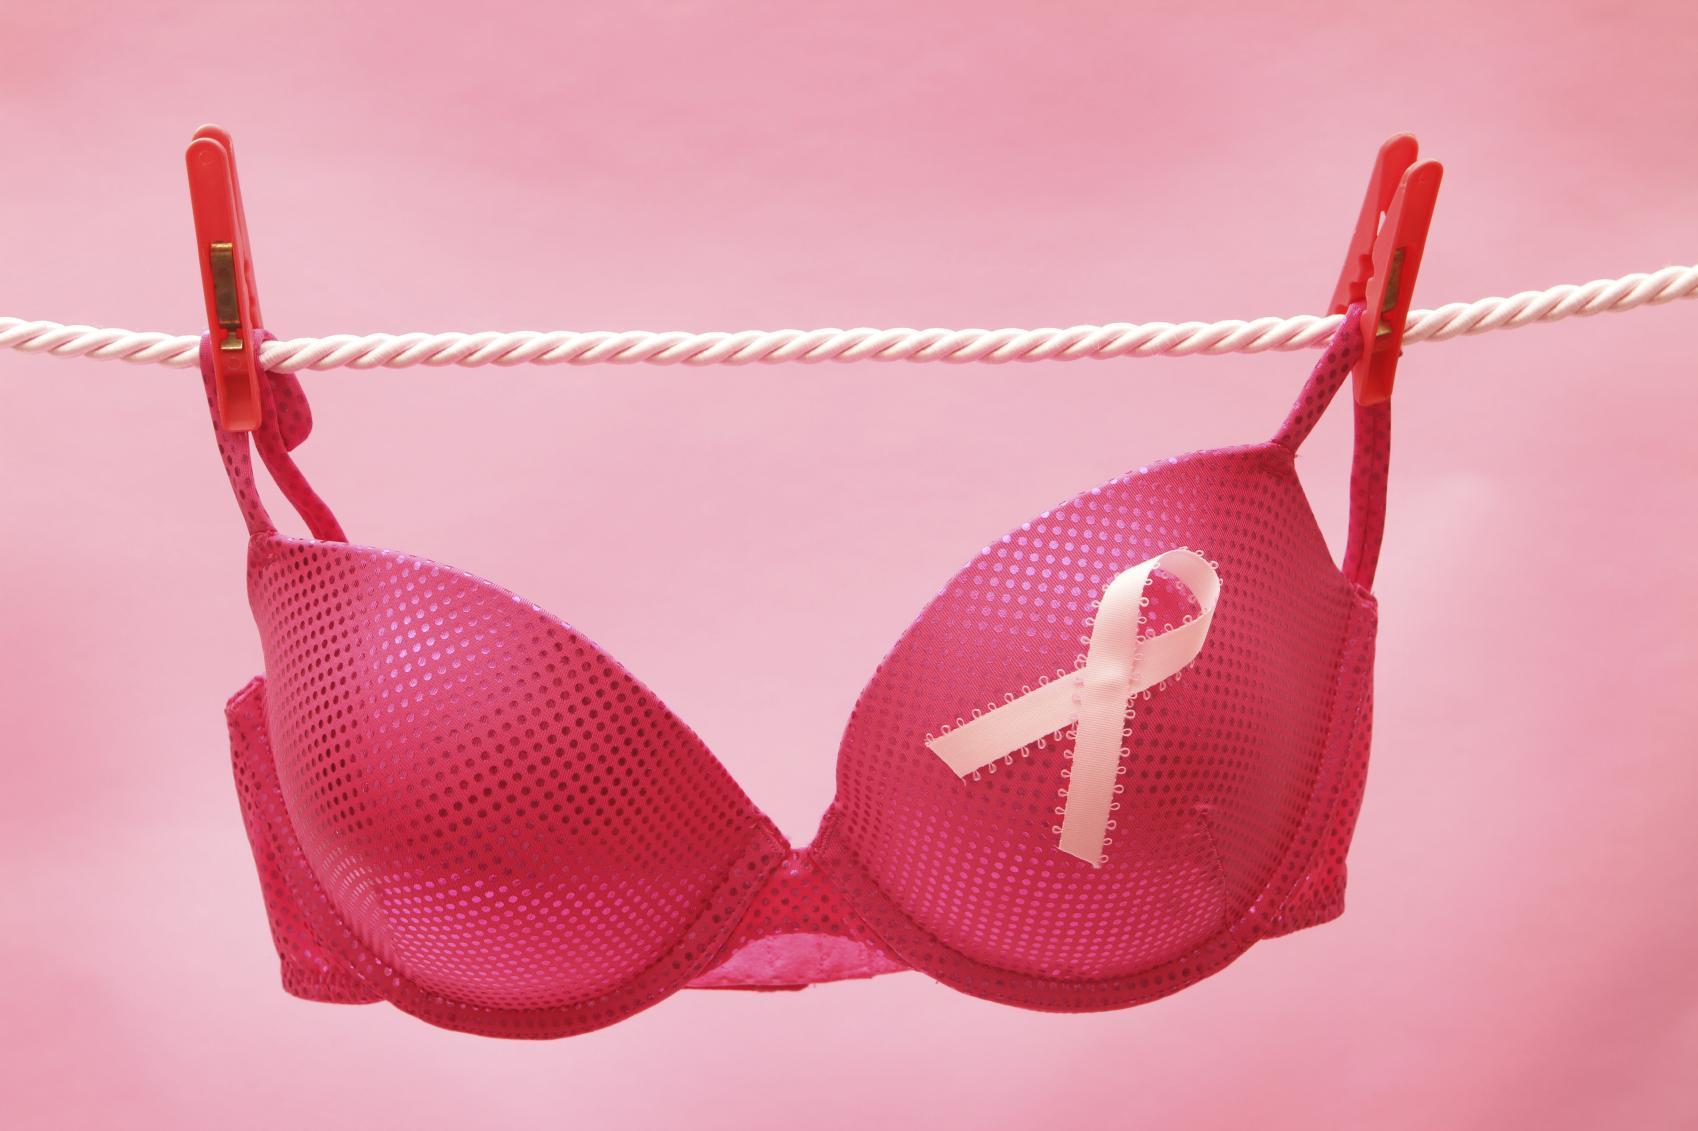 PROTETIKA - zdravotná bielizeň pre ženy po mastektómii prsníka